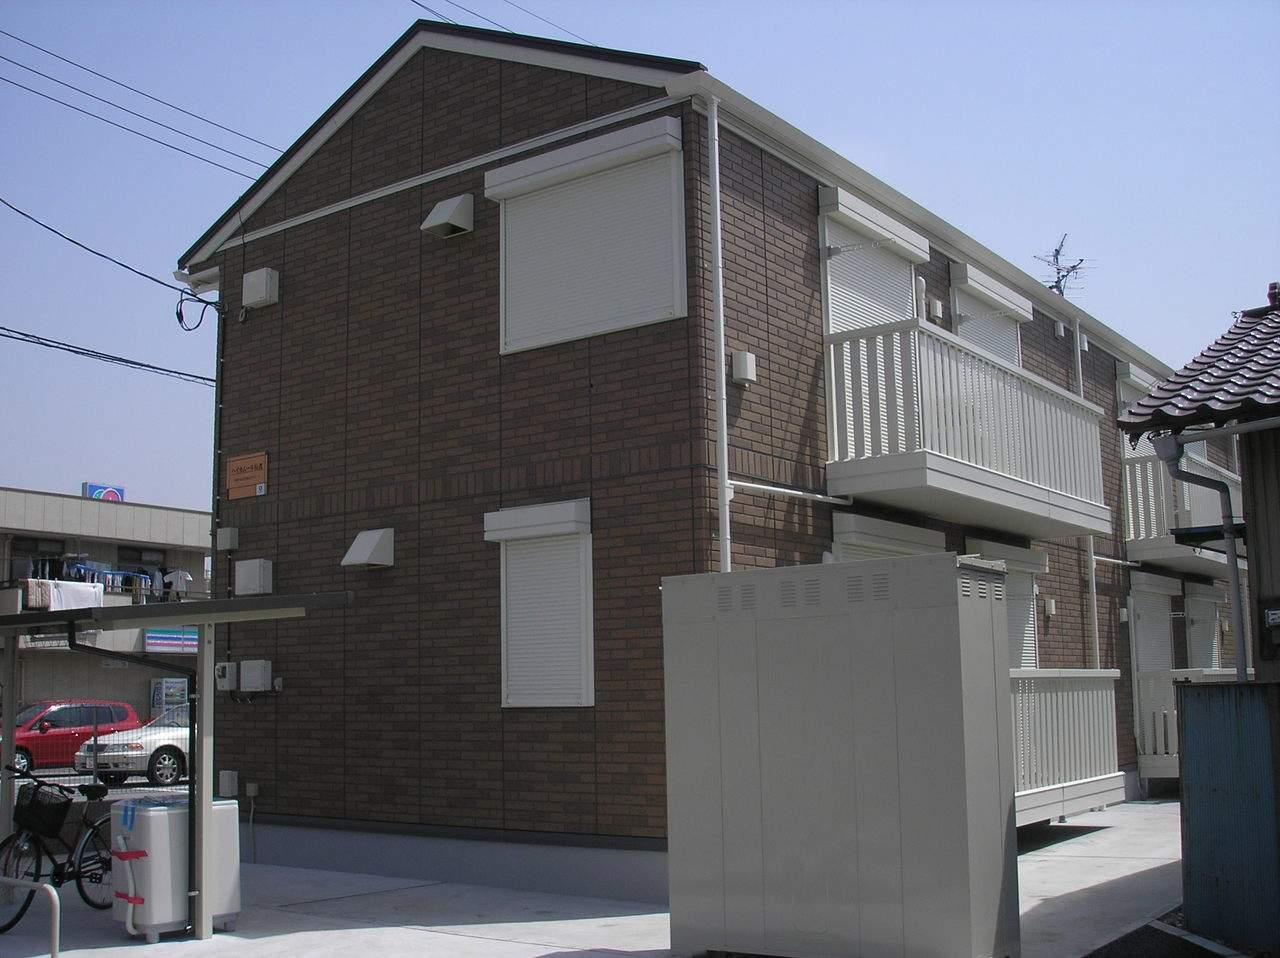 千葉県千葉市稲毛区、スポーツセンター駅徒歩3分の築9年 2階建の賃貸アパート